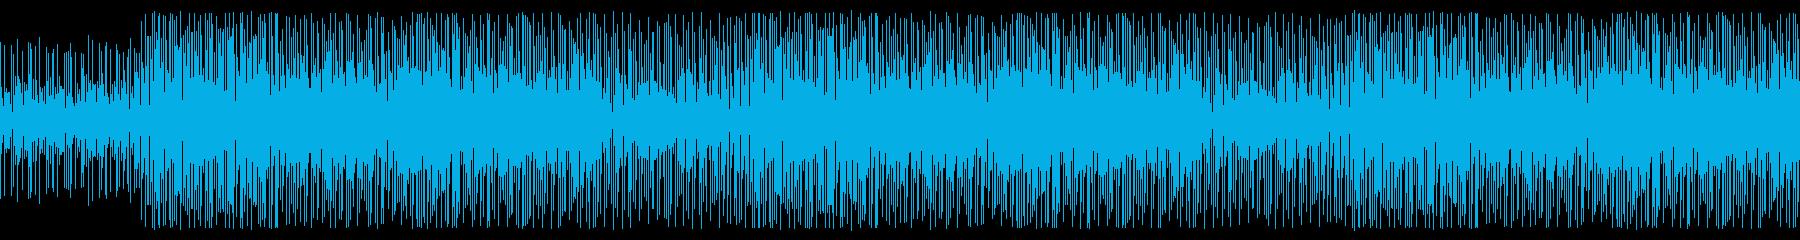 かわいい ポップ コミカルな曲の再生済みの波形